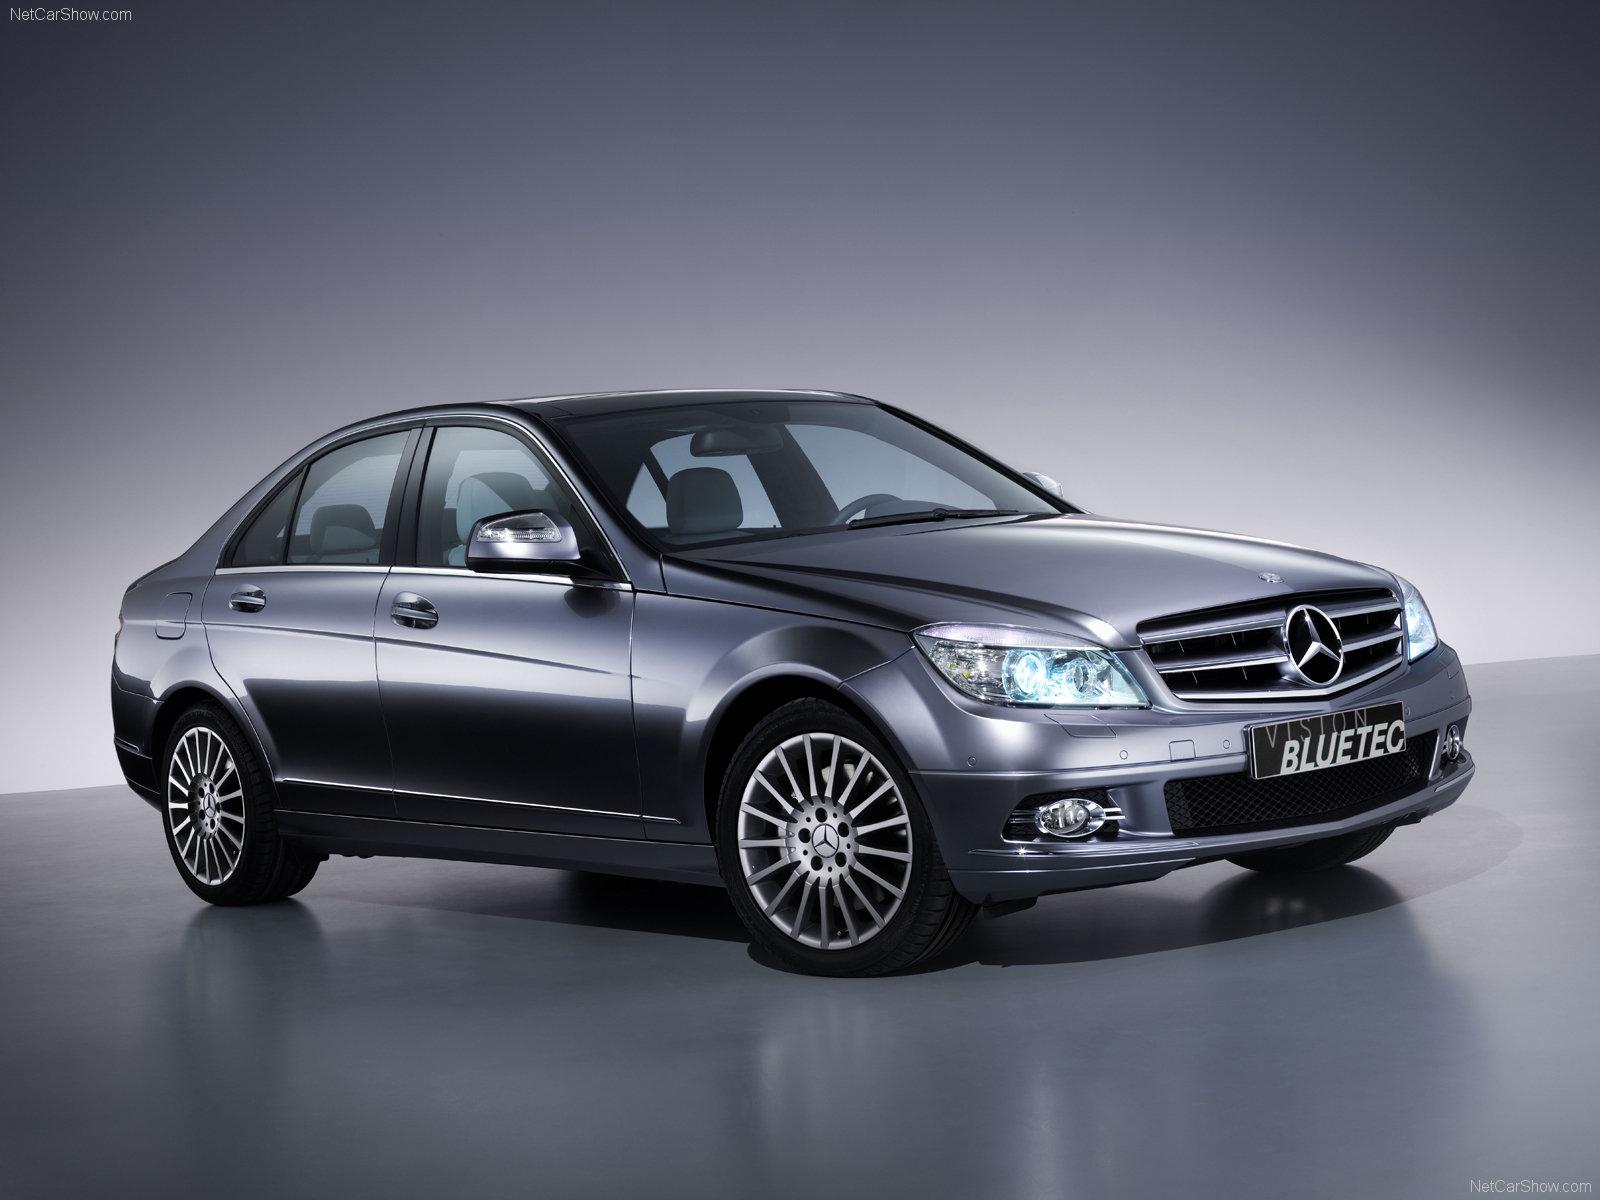 Mercedes benz vision c220 bluetec picture 41777 for Mercedes benz vision